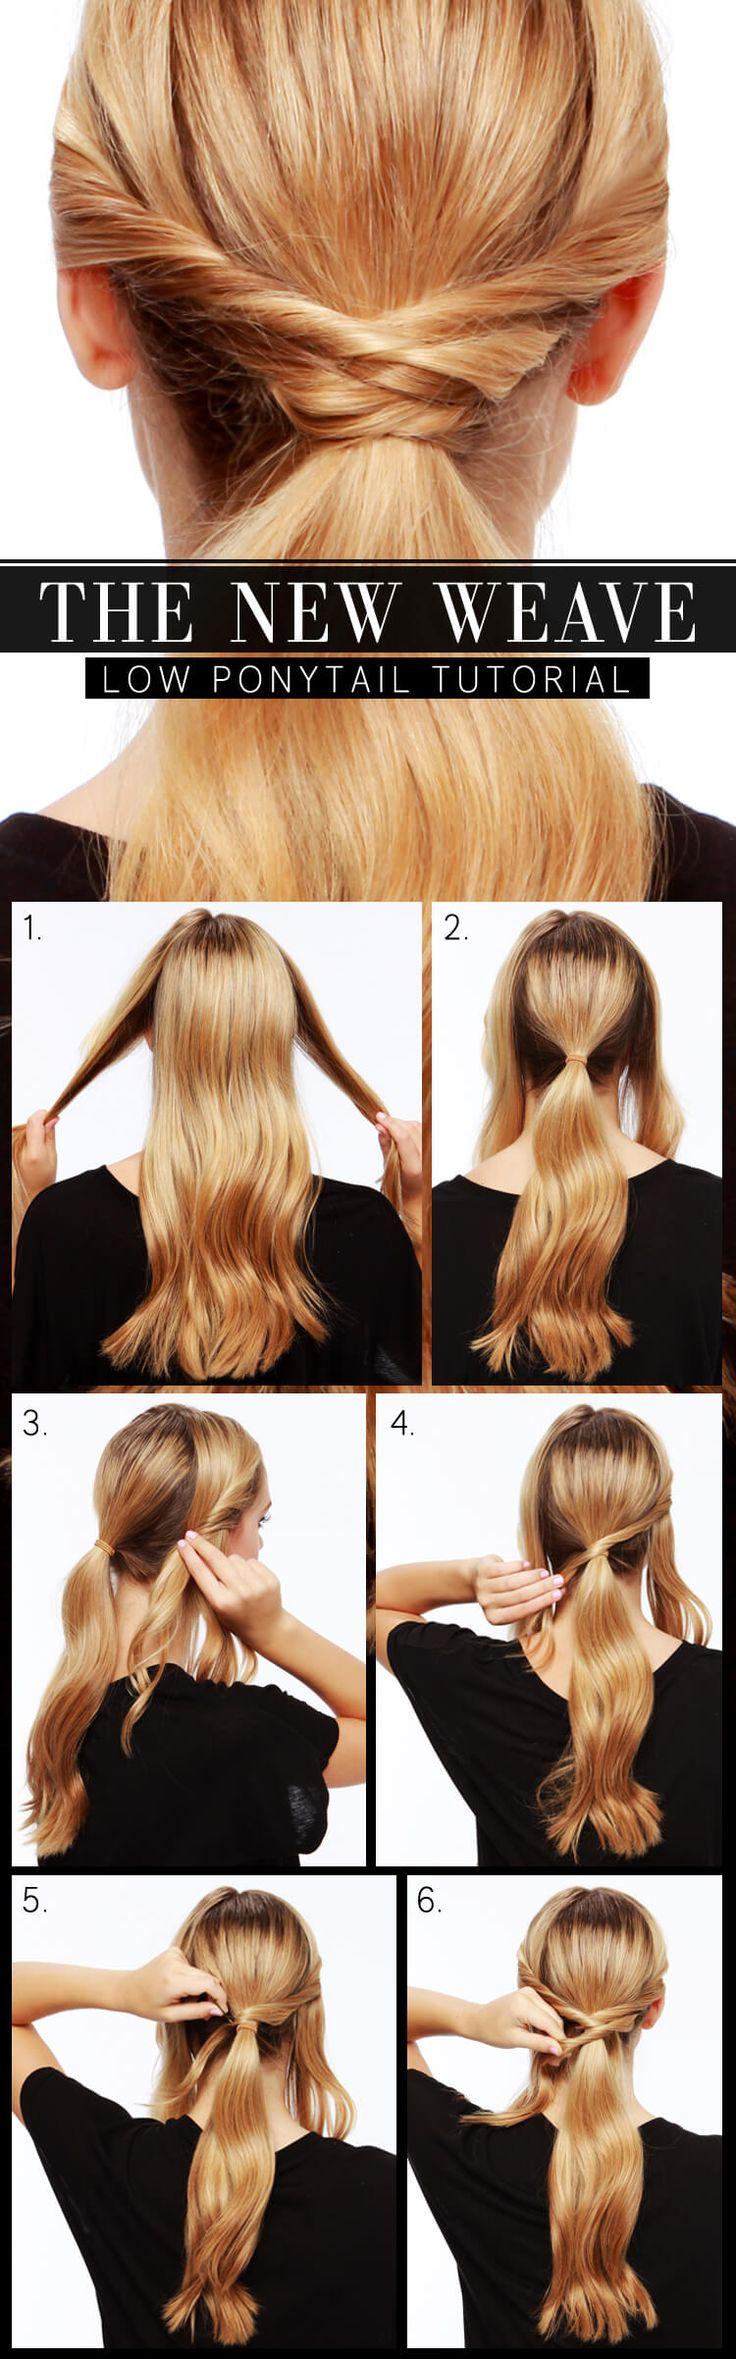 Von klassisch bis niedlich: Frisur Ideen für lange Haare - Der verflechtete Pferdeschwanz